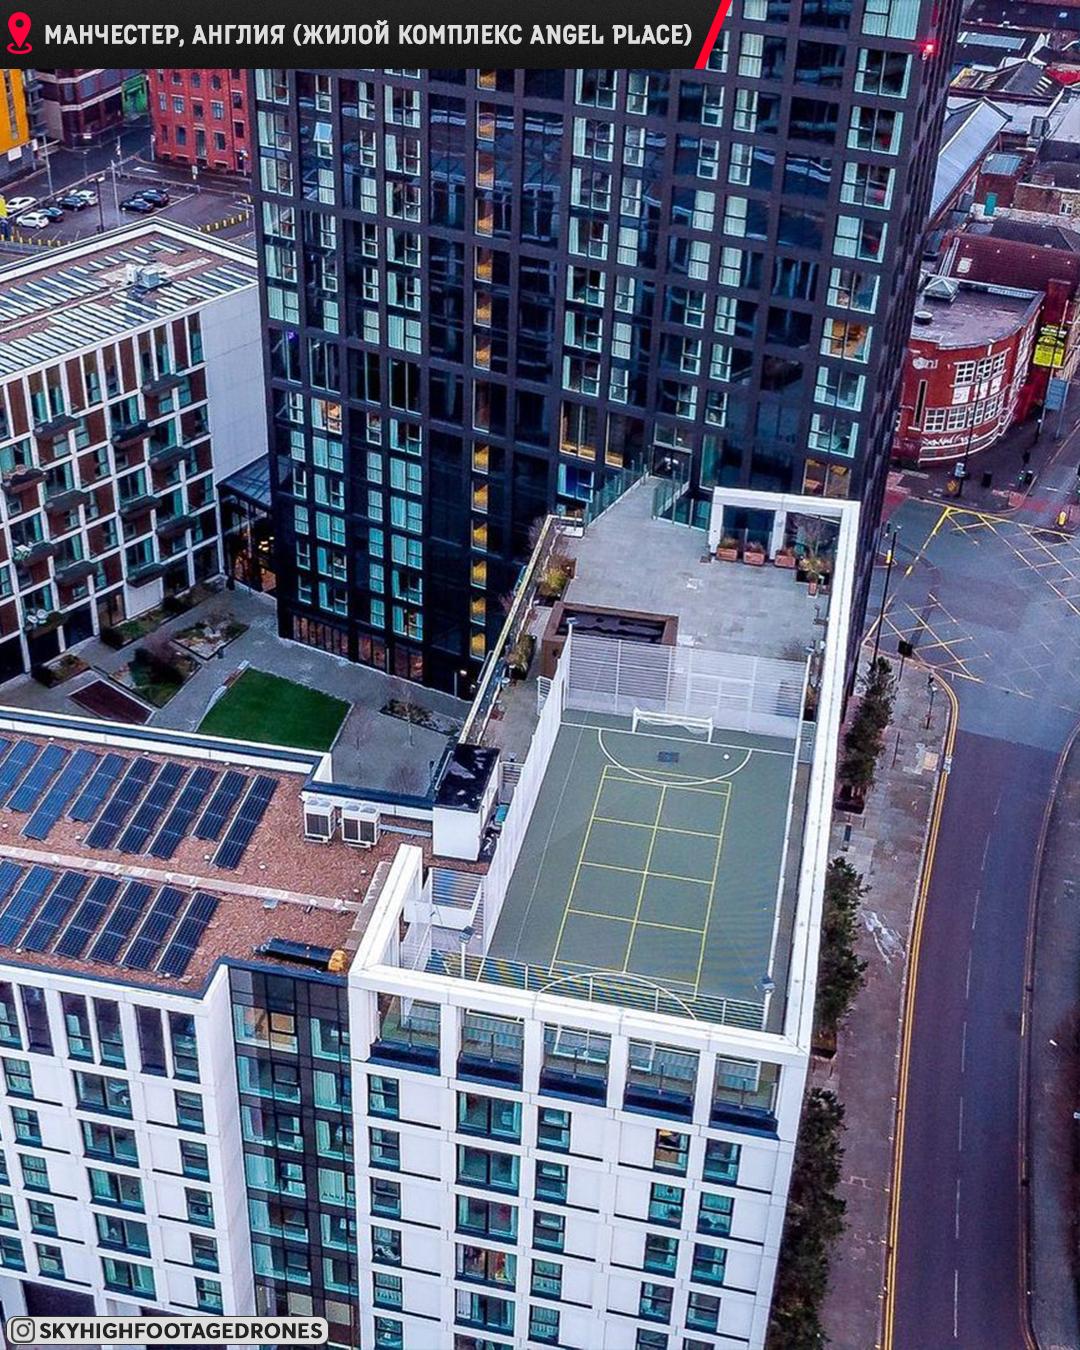 Футбольные поля в нереально крутых локациях, которые могут вас удивить (фото с дронов)